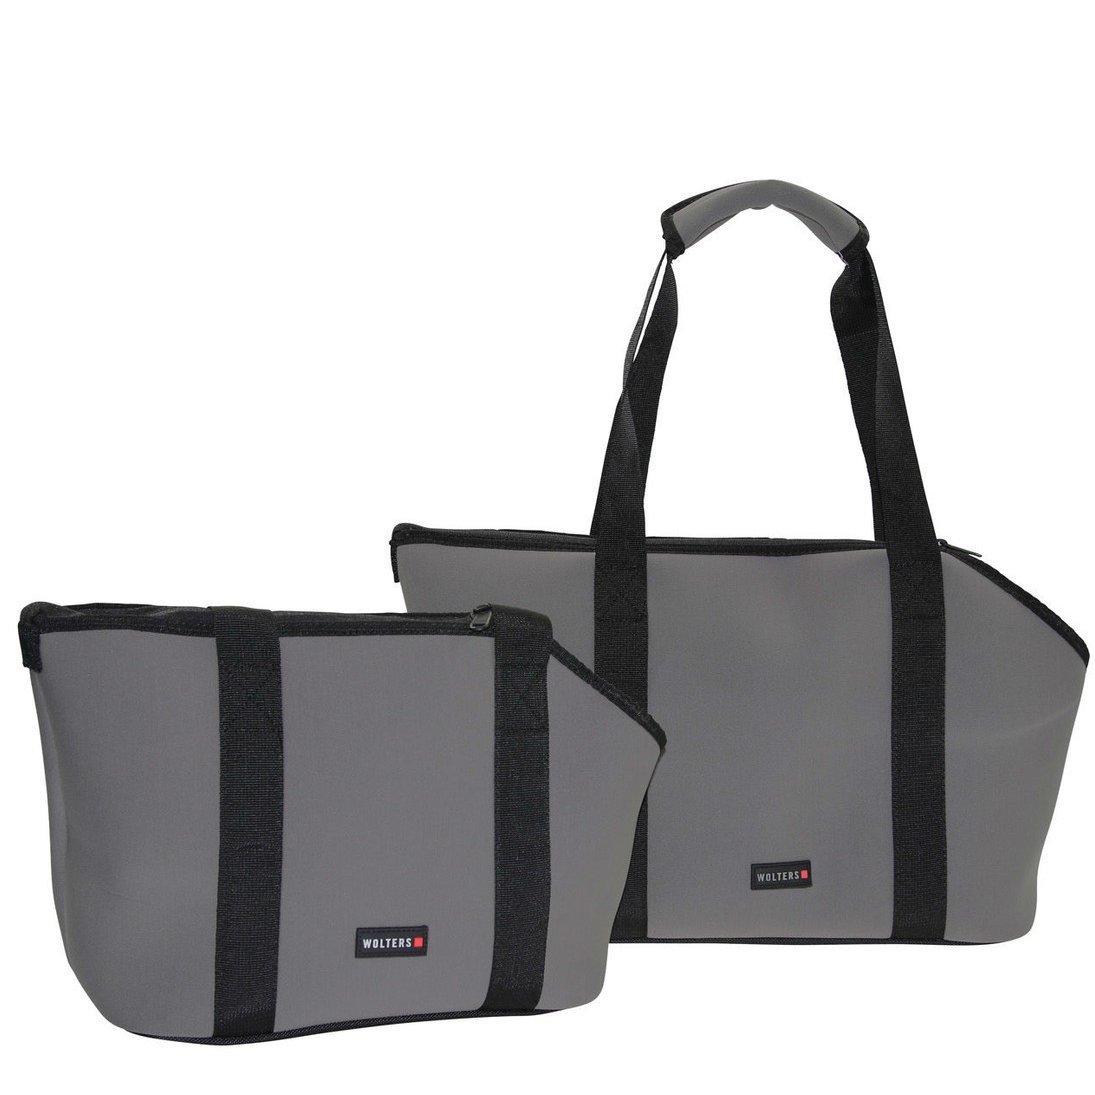 Wolters Hundetasche Softbag Grey Essentials Large, Bild 4